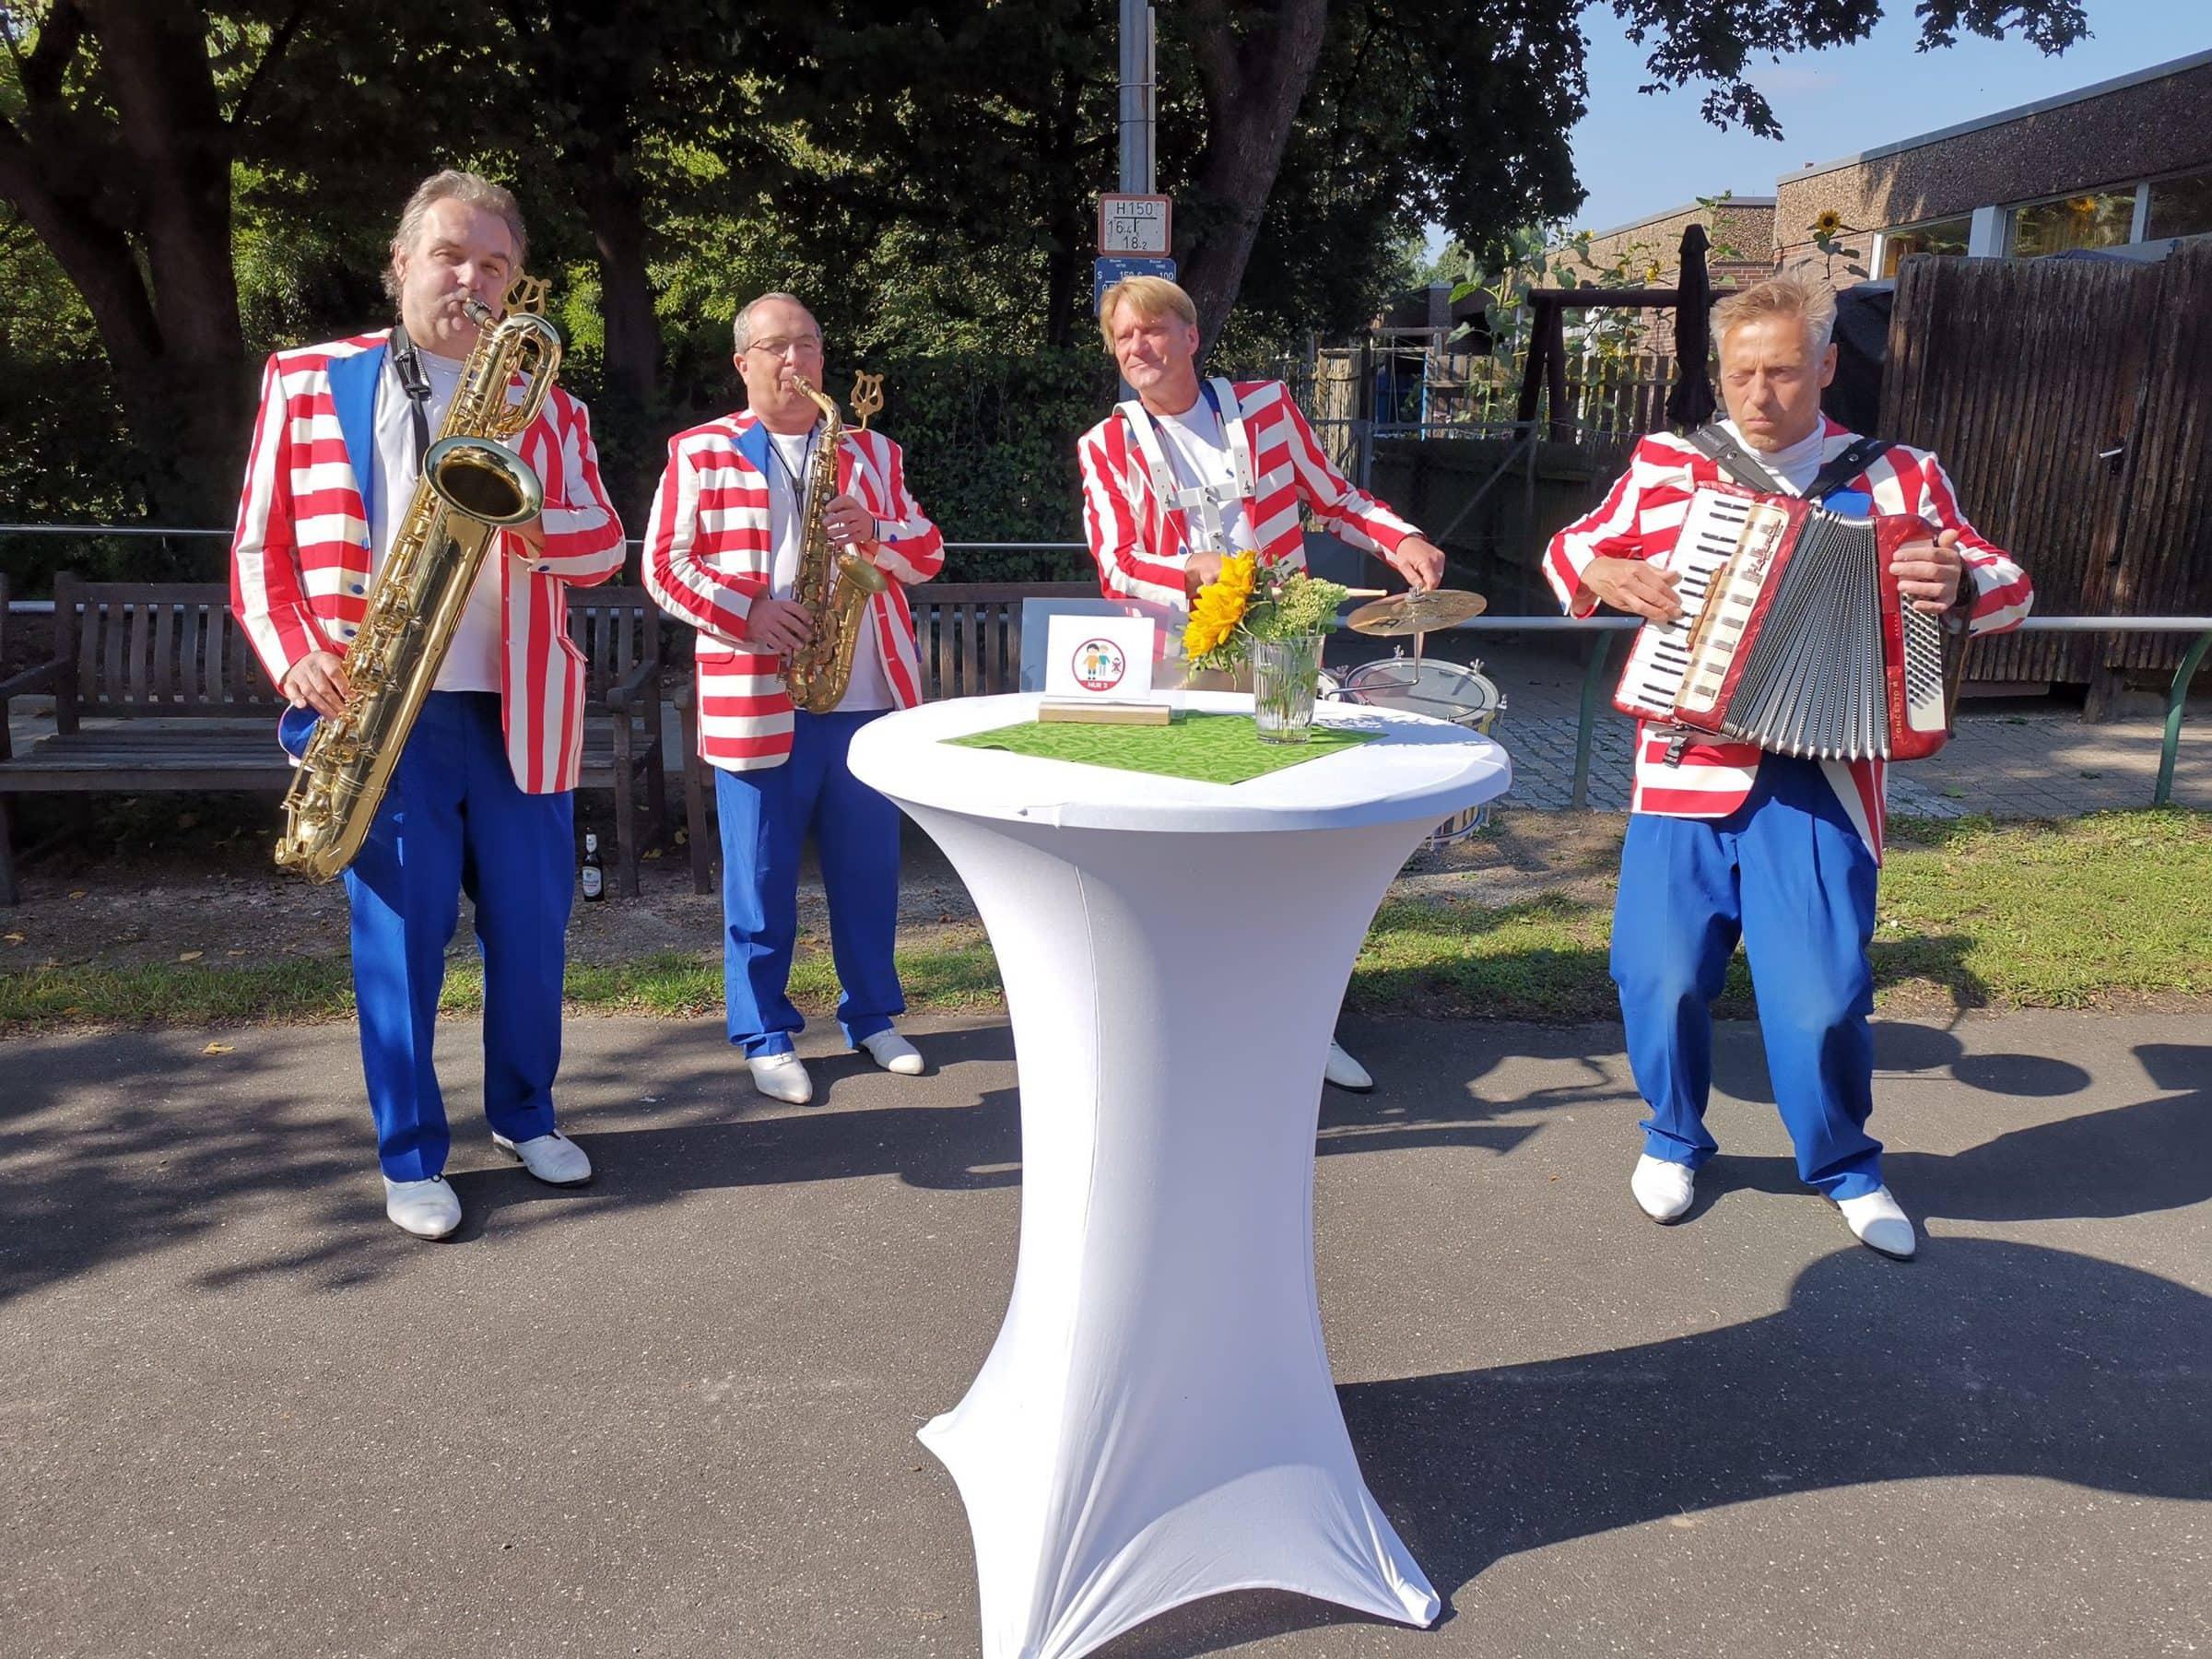 Musikband mit vier Musikern und ihren Instrumenten